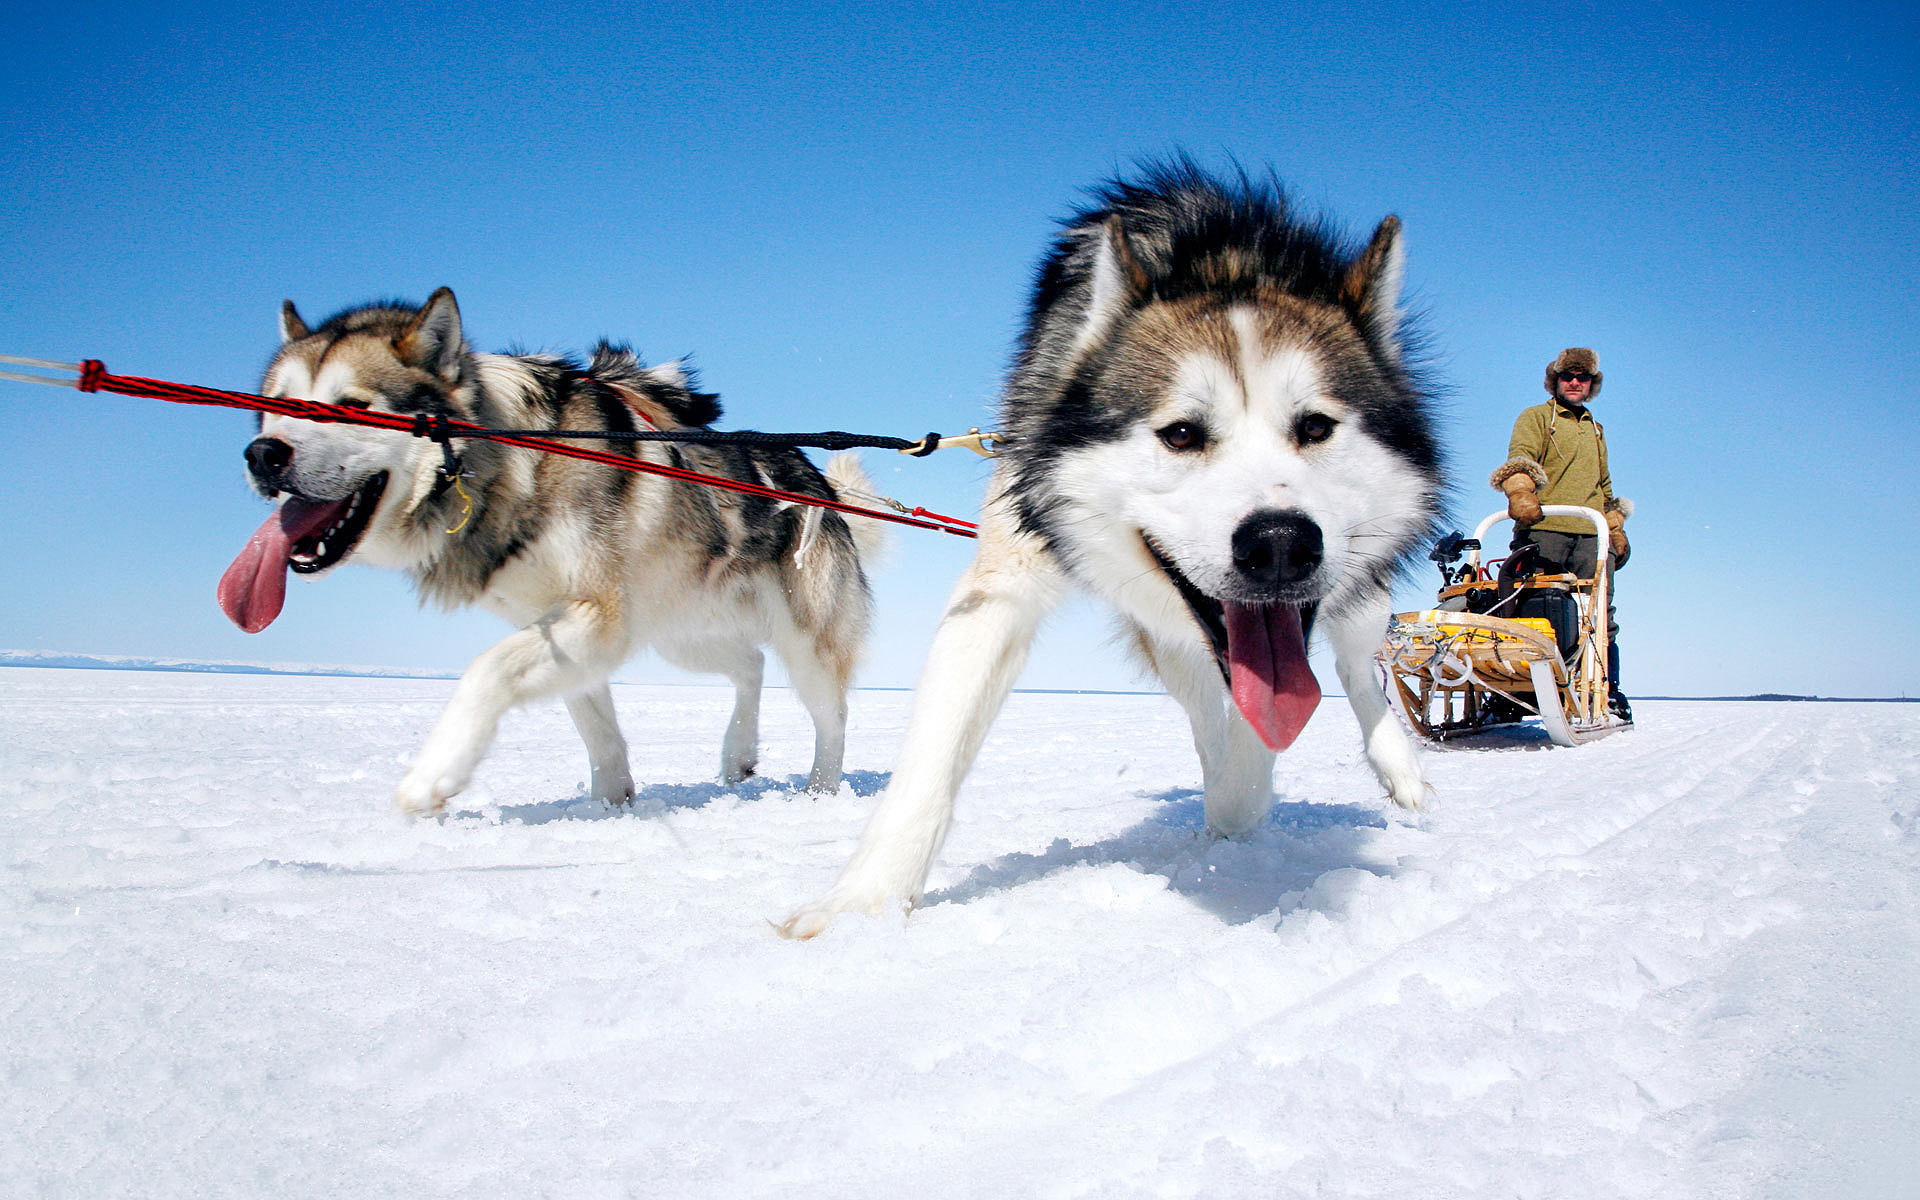 Name For An Alaskan Dog